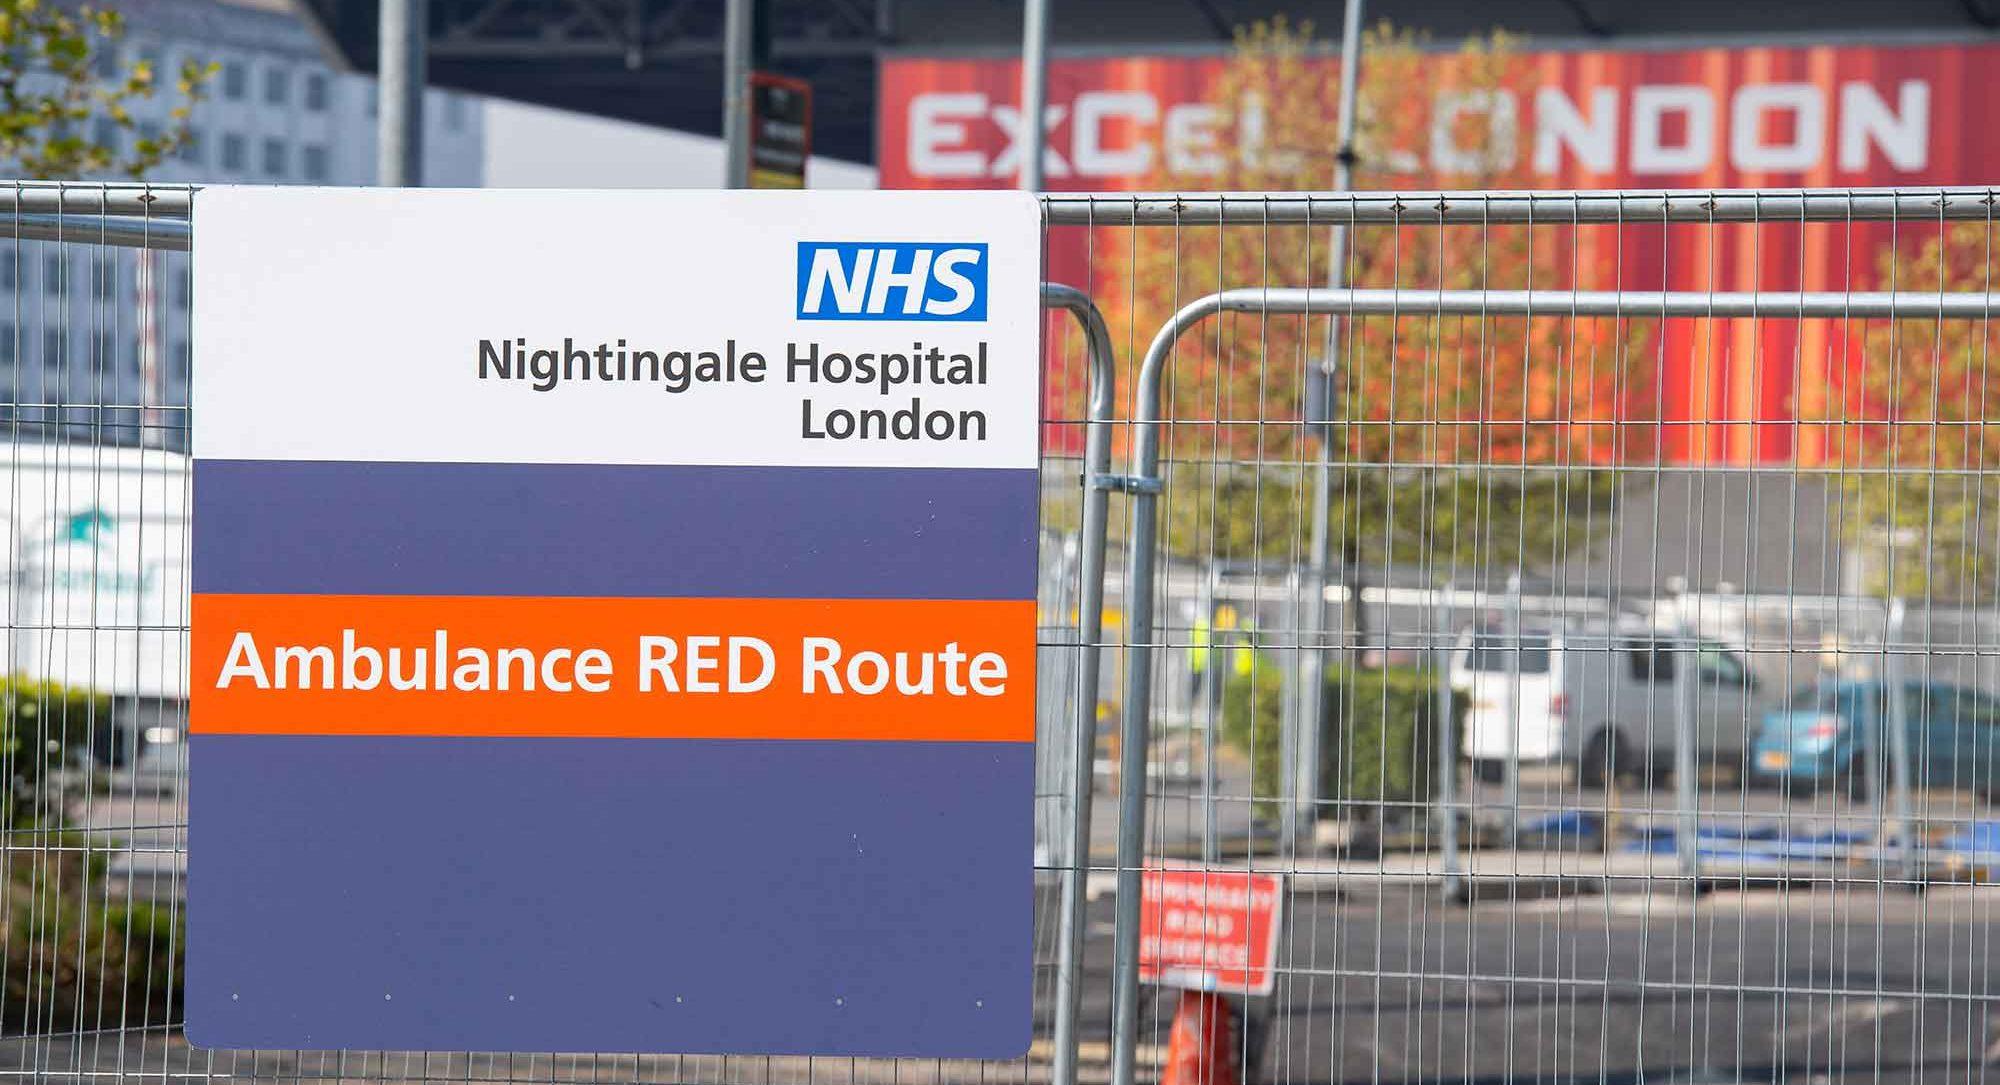 London Nightingale hospital